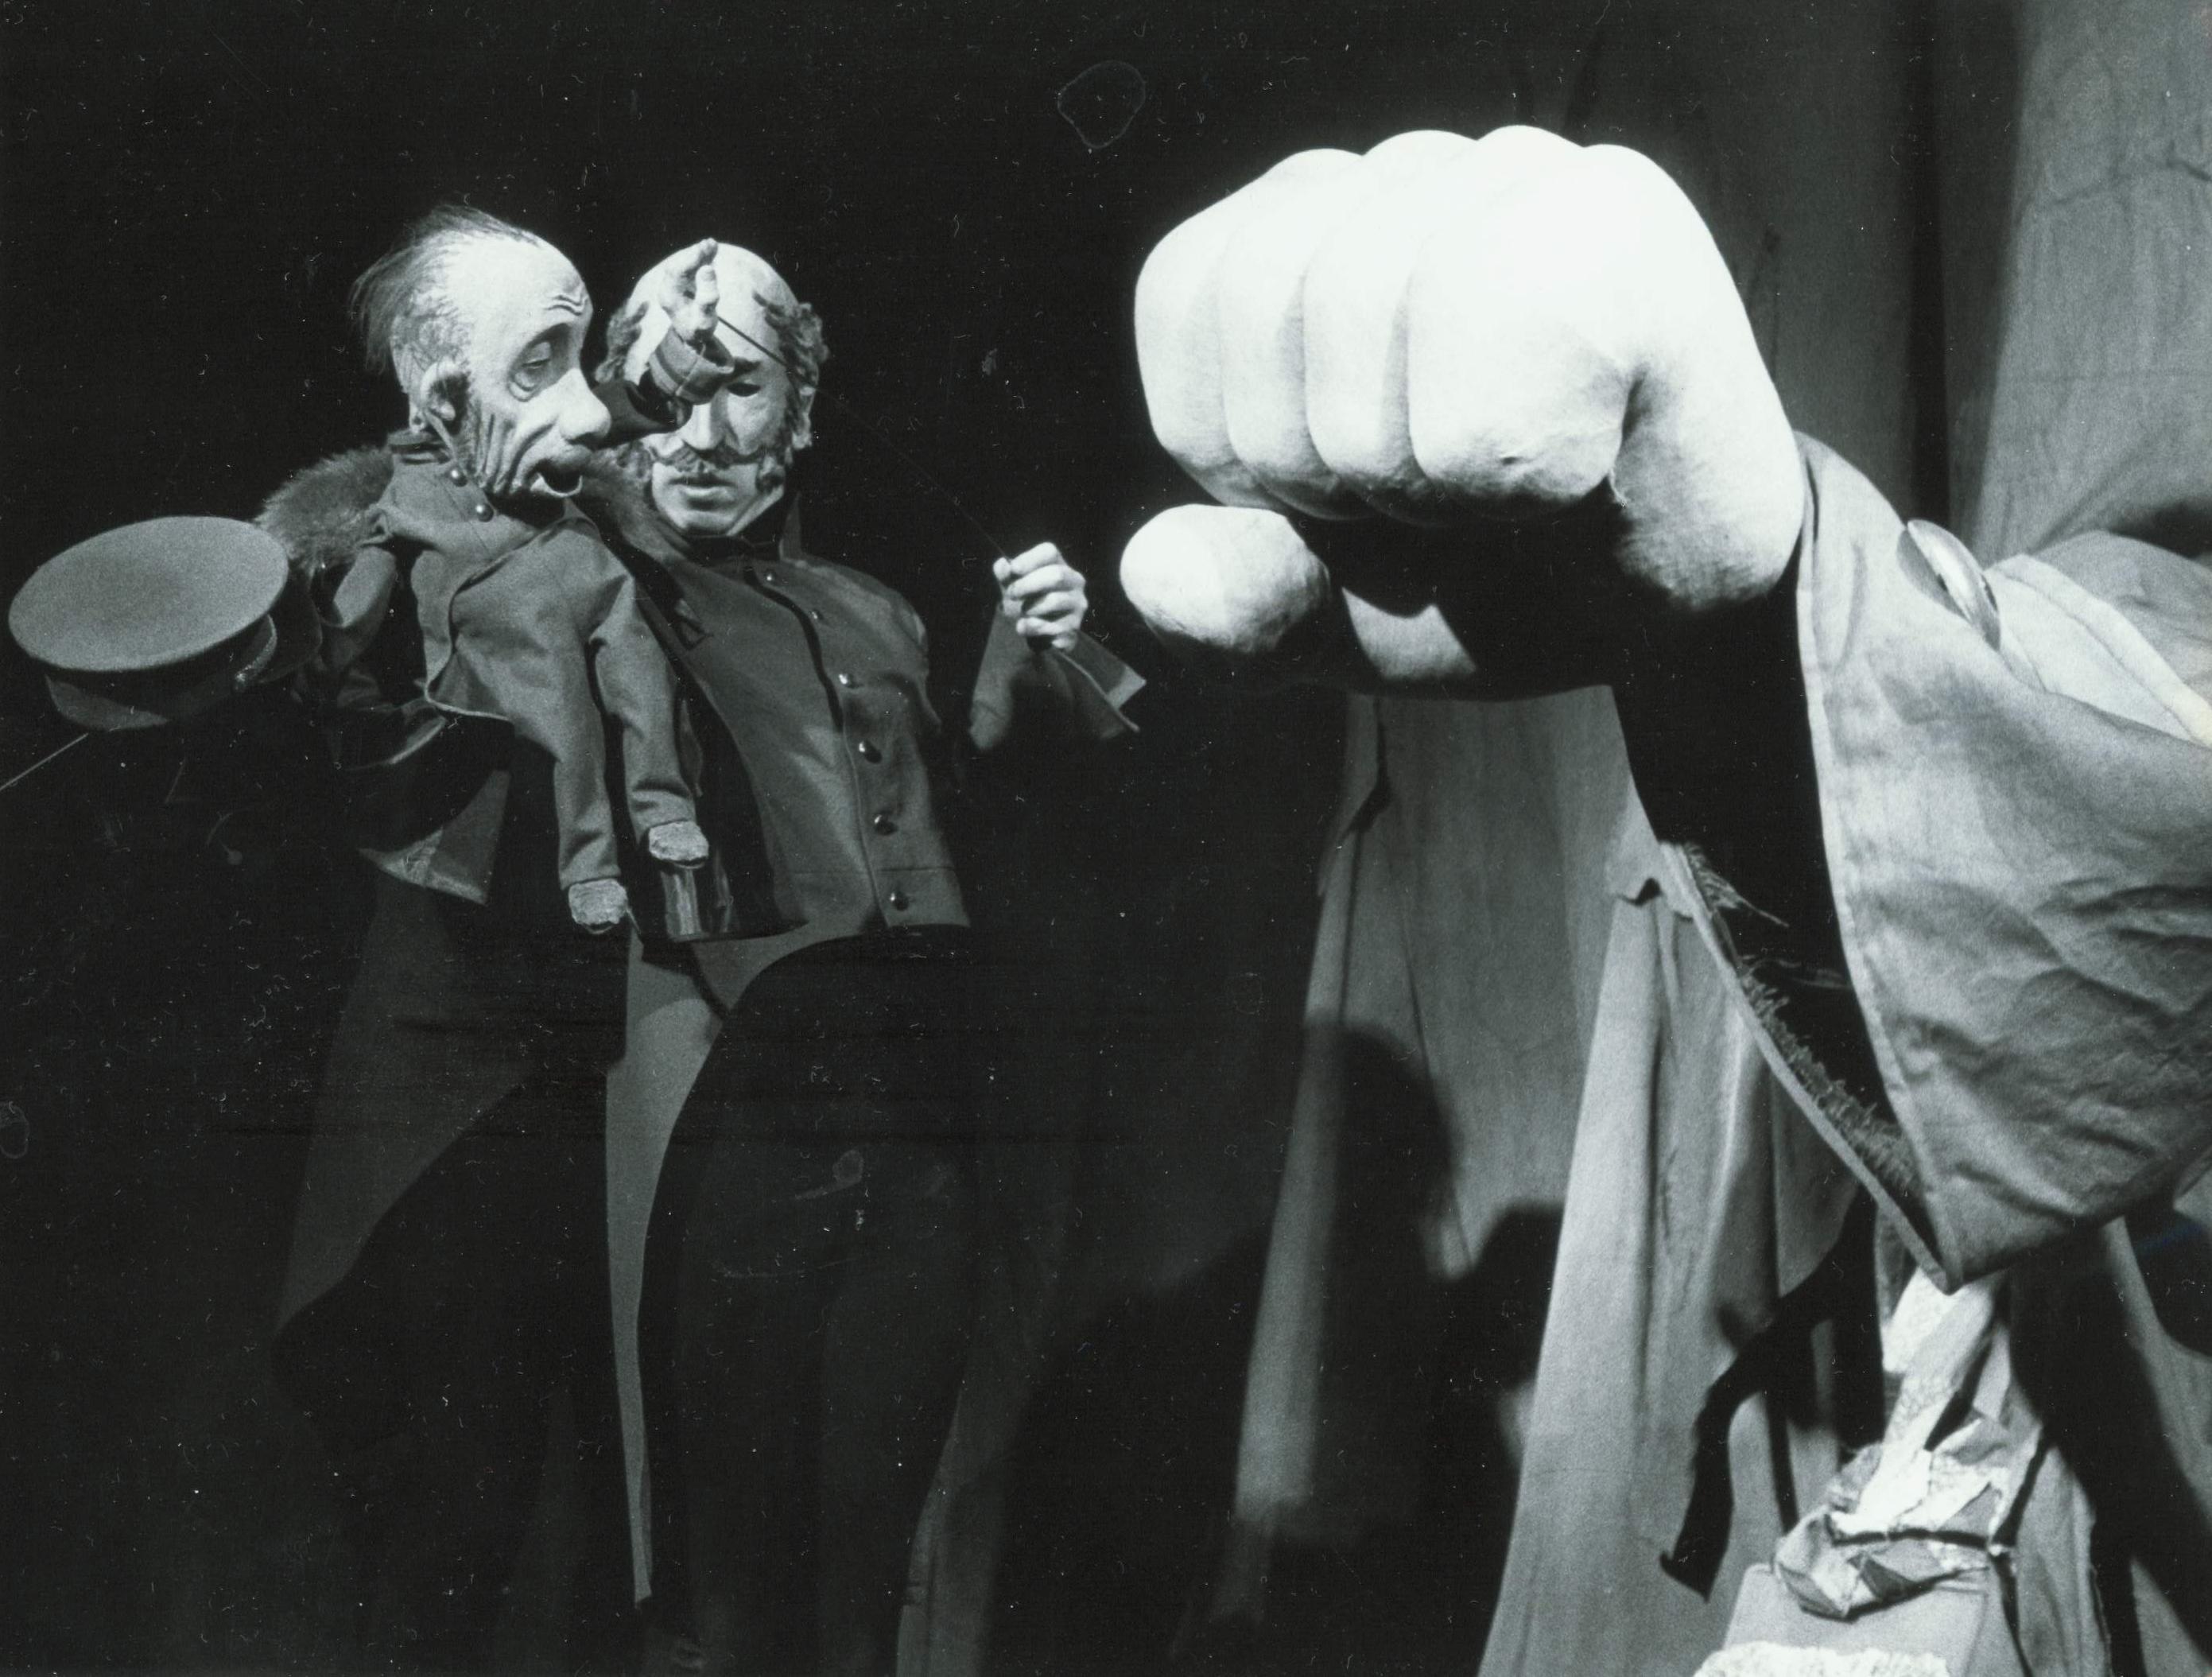 <em>Shinel</em> (Le Manteau, 2001), d'après le roman de Nicolaï Gogol, par le Voronezhskiy teatr kukol «Shut» (Voronezh, Russie), mise en scène : Valeri Volkhovski, scénographie: Elena Loutsenko. Photo réproduite avec l'aimable autorisation de Collection : Voronezhskiy teatr kukol «Shut»